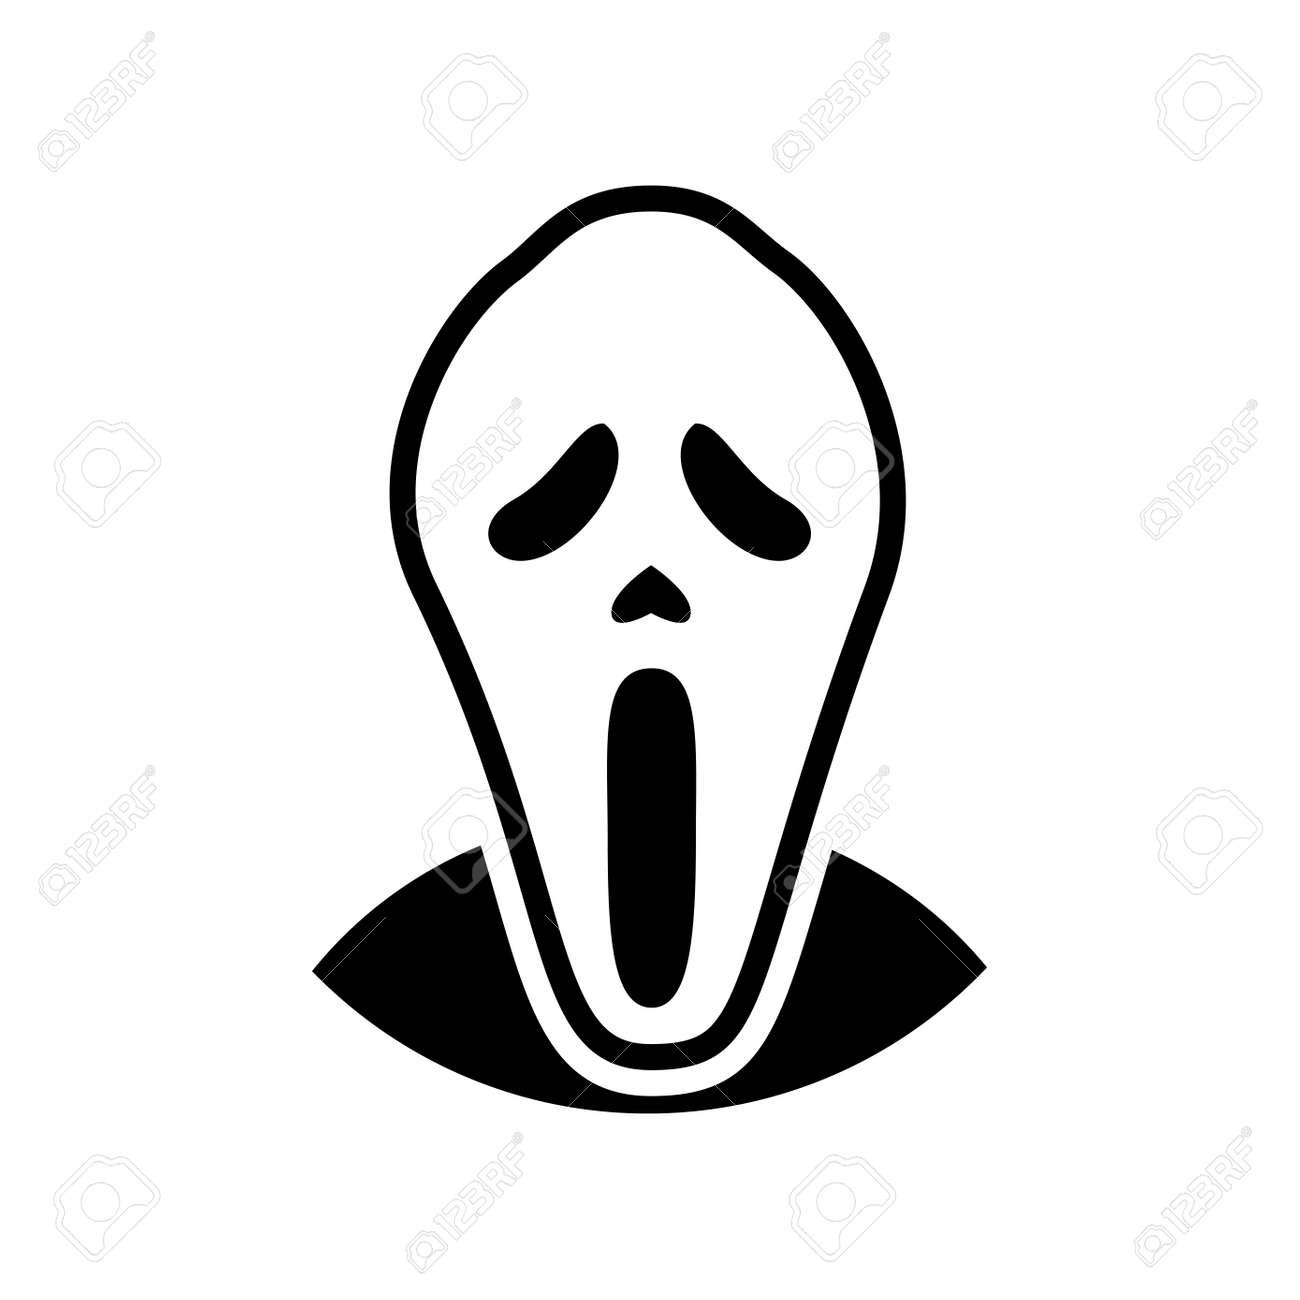 Icono De La Máscara De Terror Blanco, Símbolo Icónico En El Fondo ...